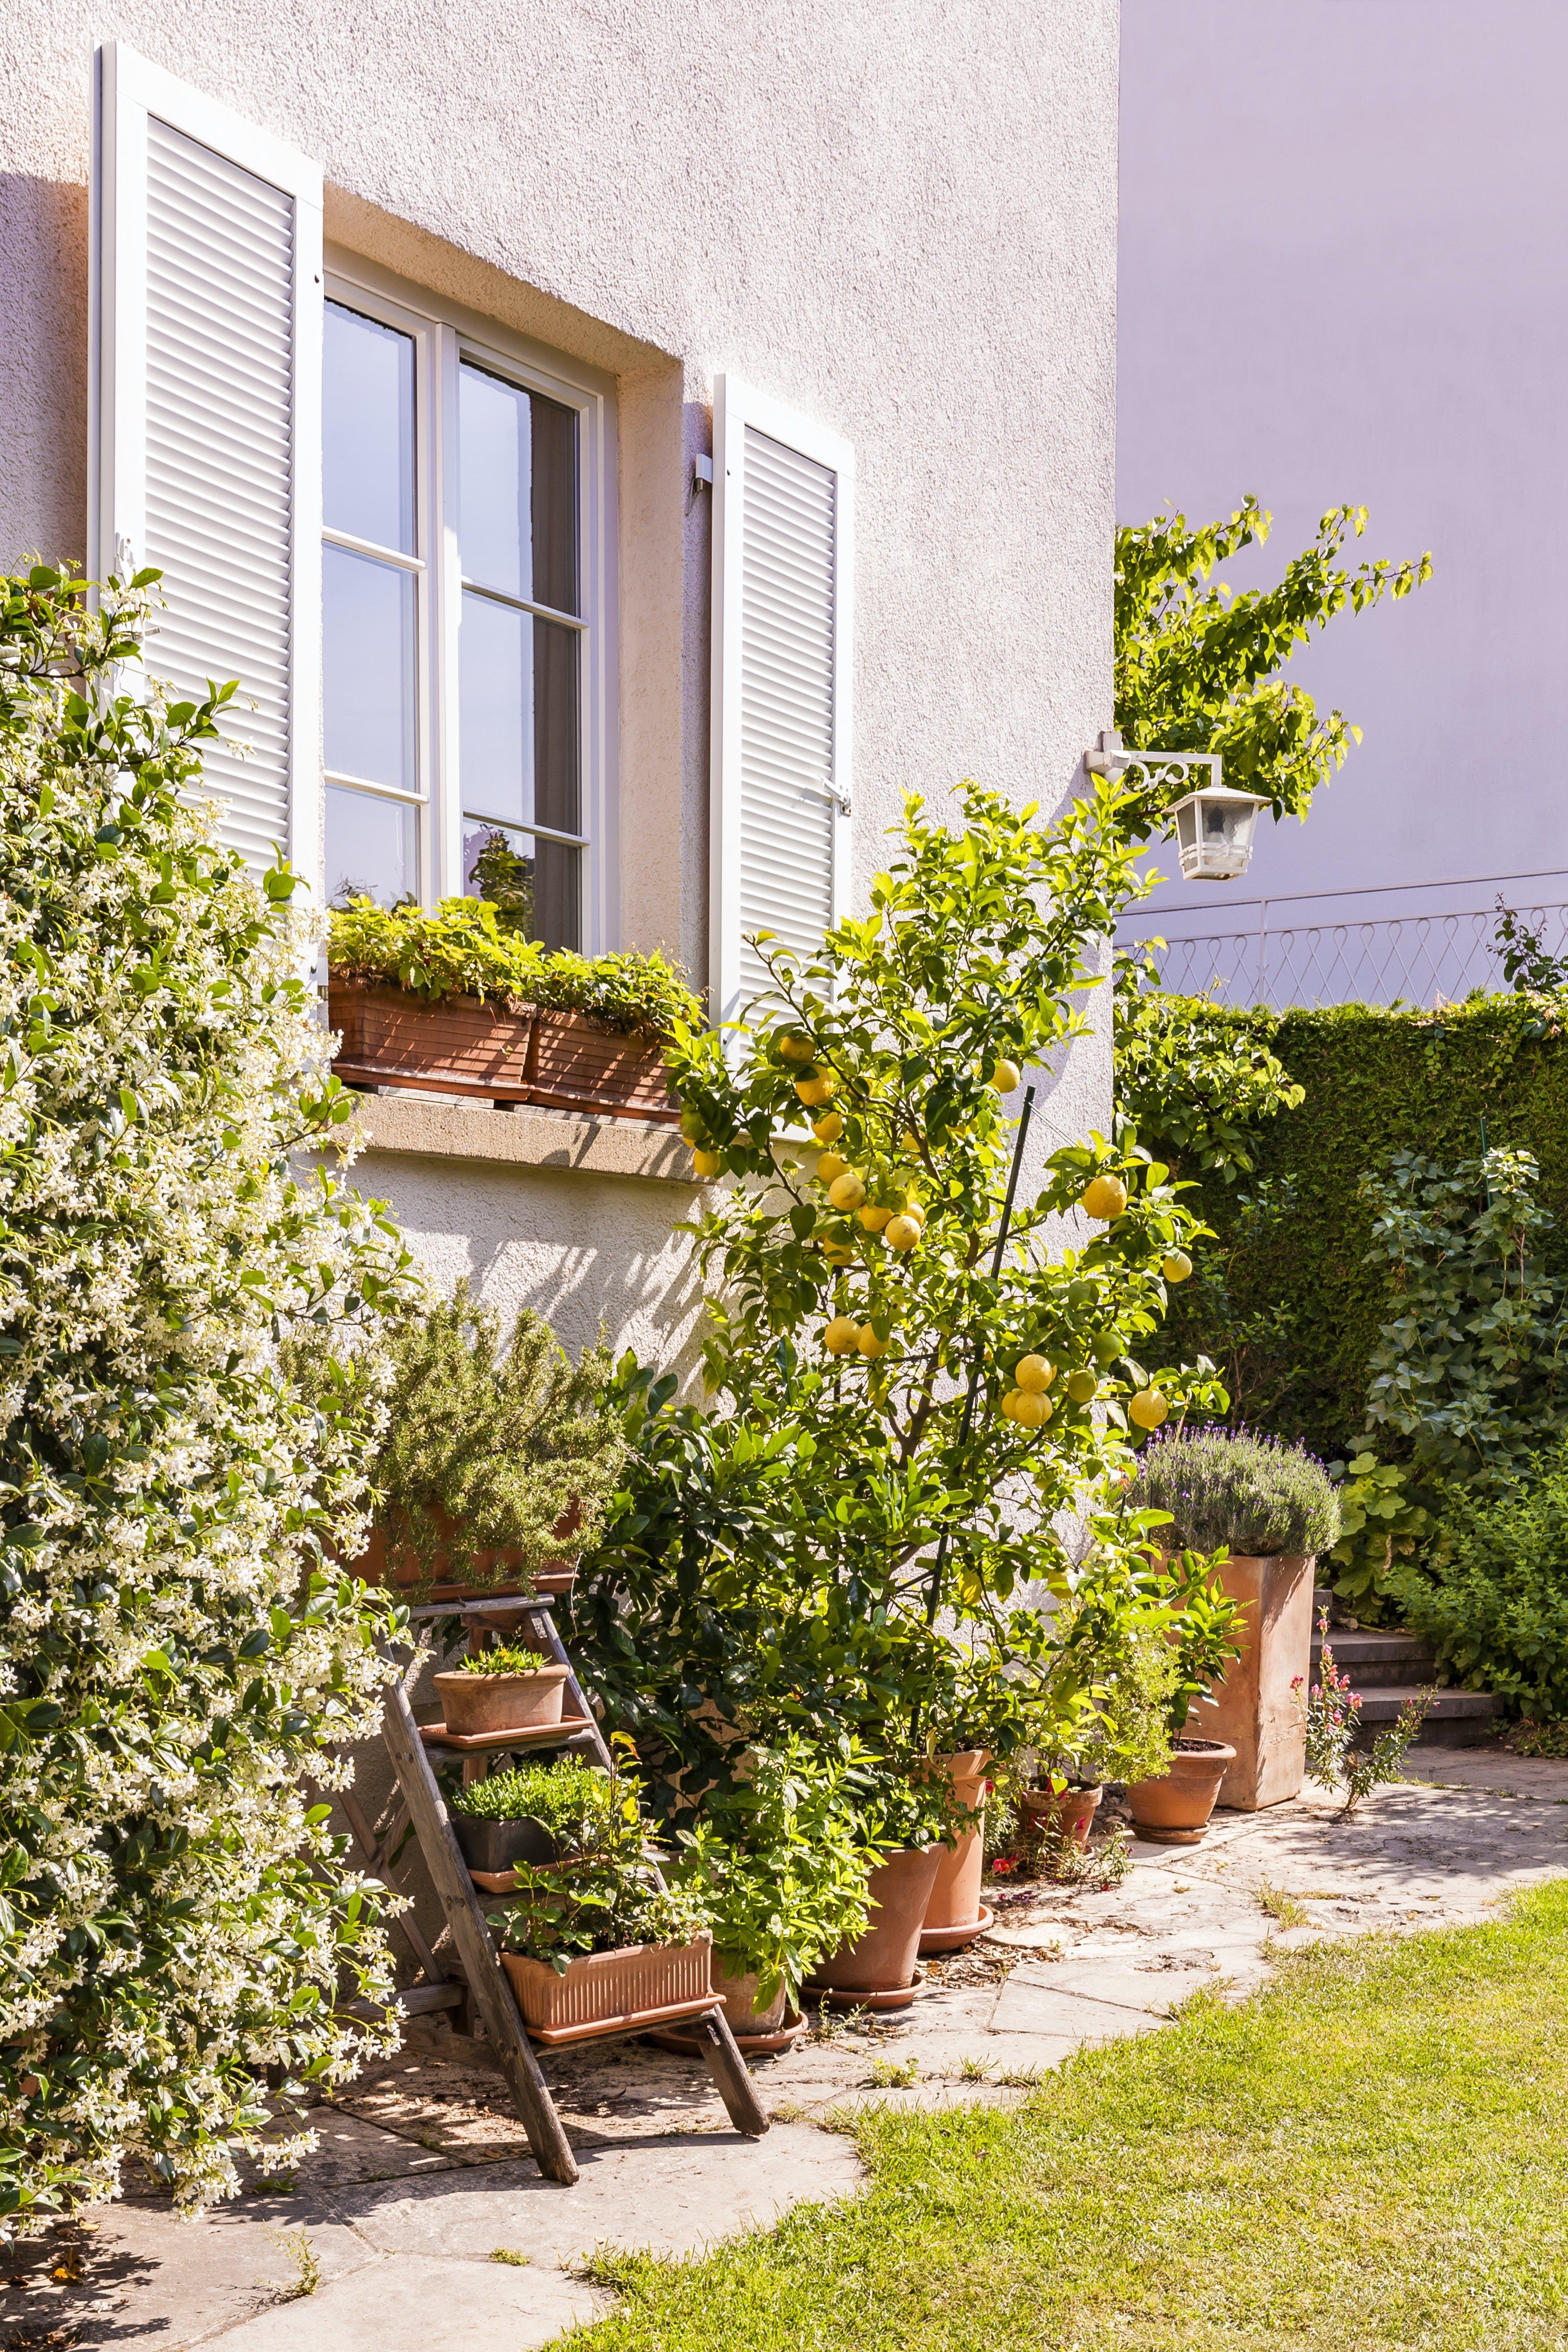 Backyard with flowers